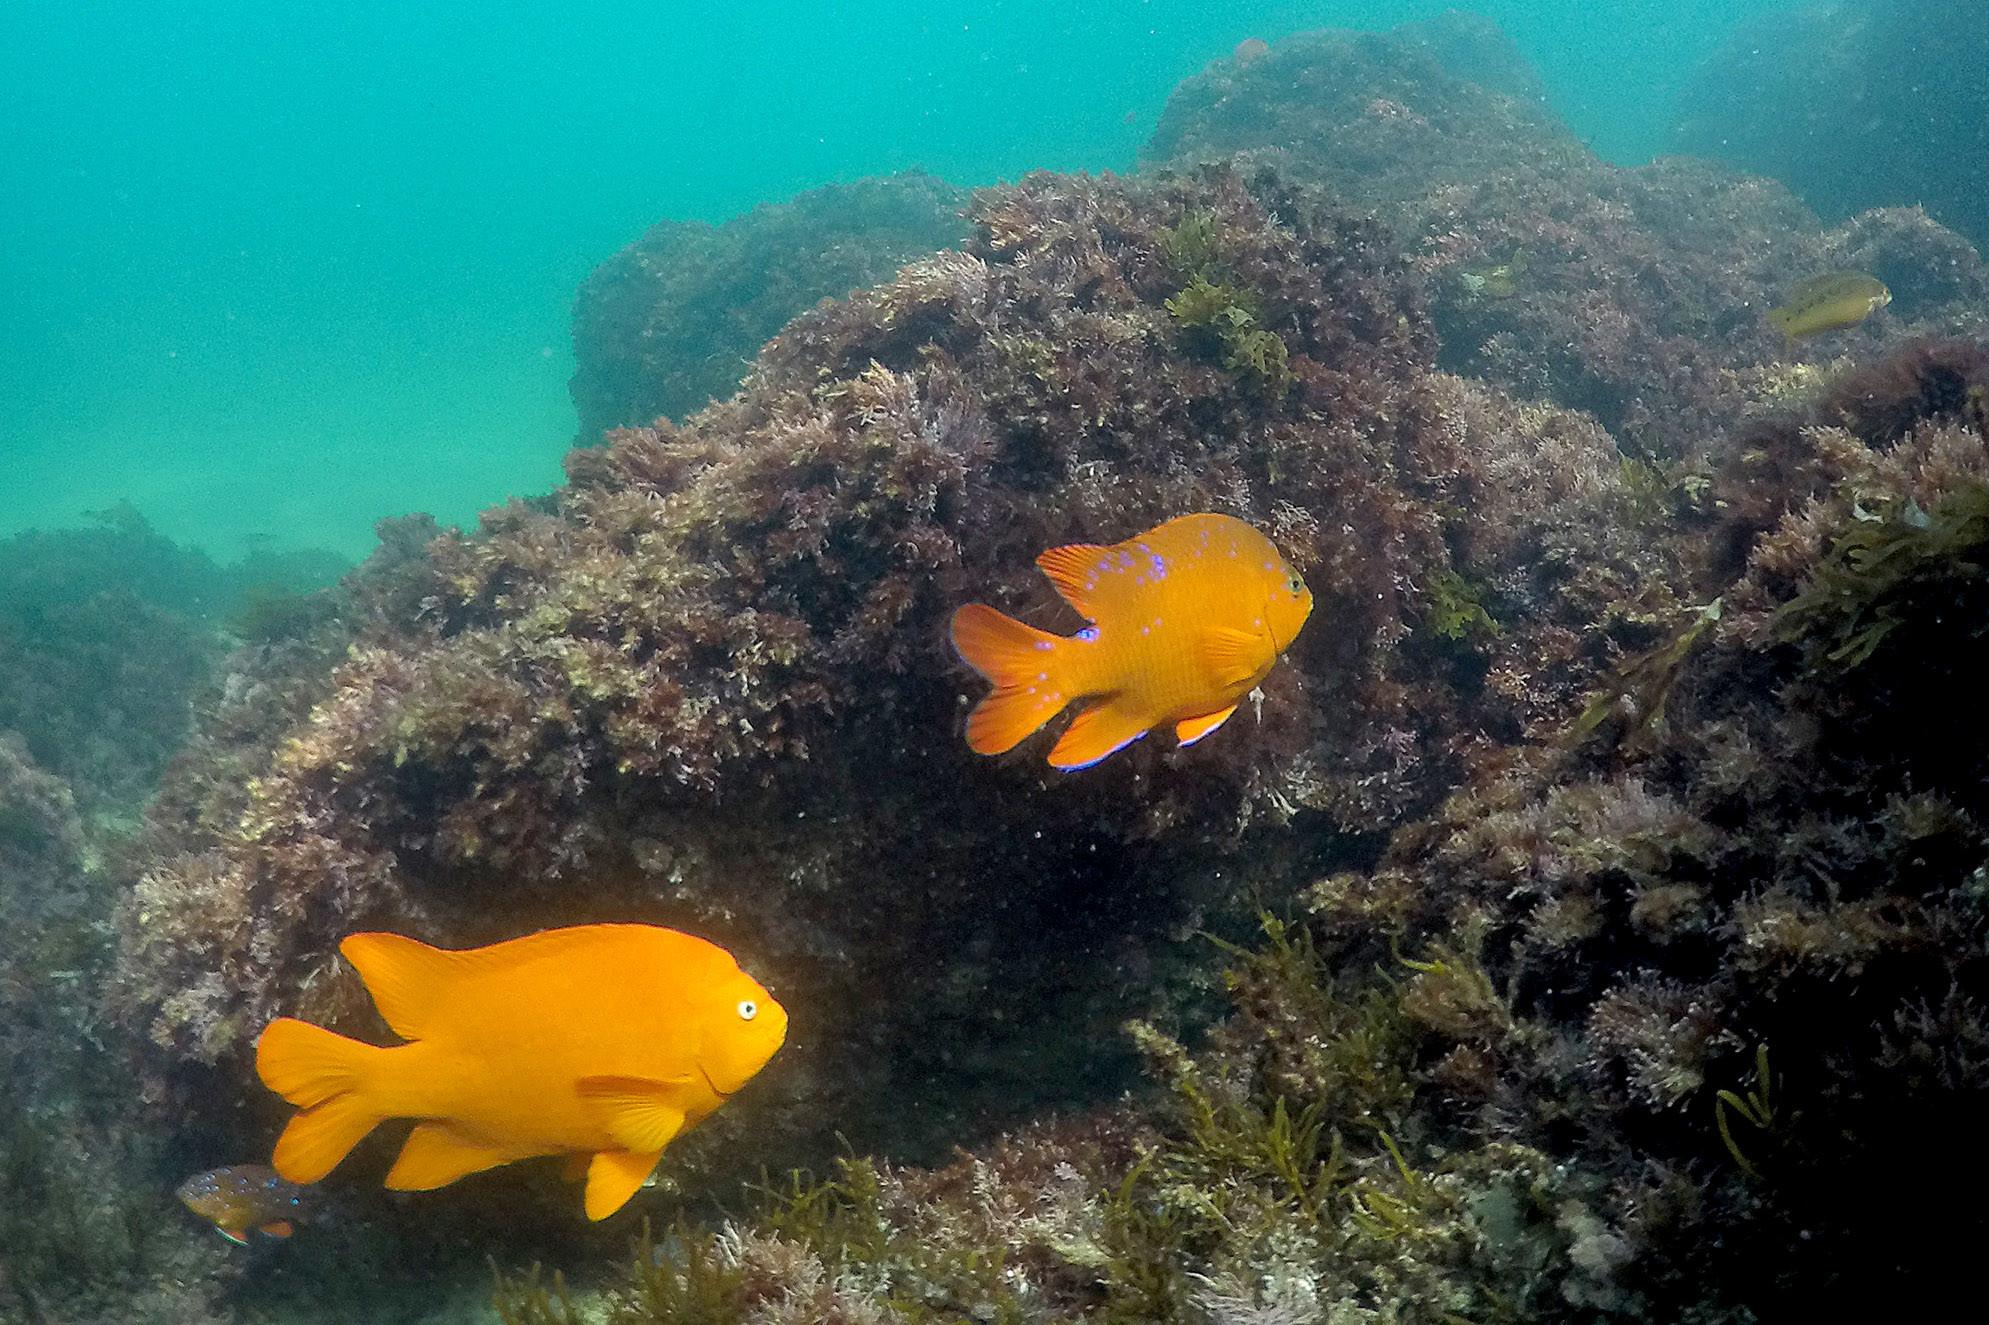 Garibaldi swim and feed on rocks at Crescent Bay in Laguna Beach. (Allen J. Schaben / Los Angeles Times)